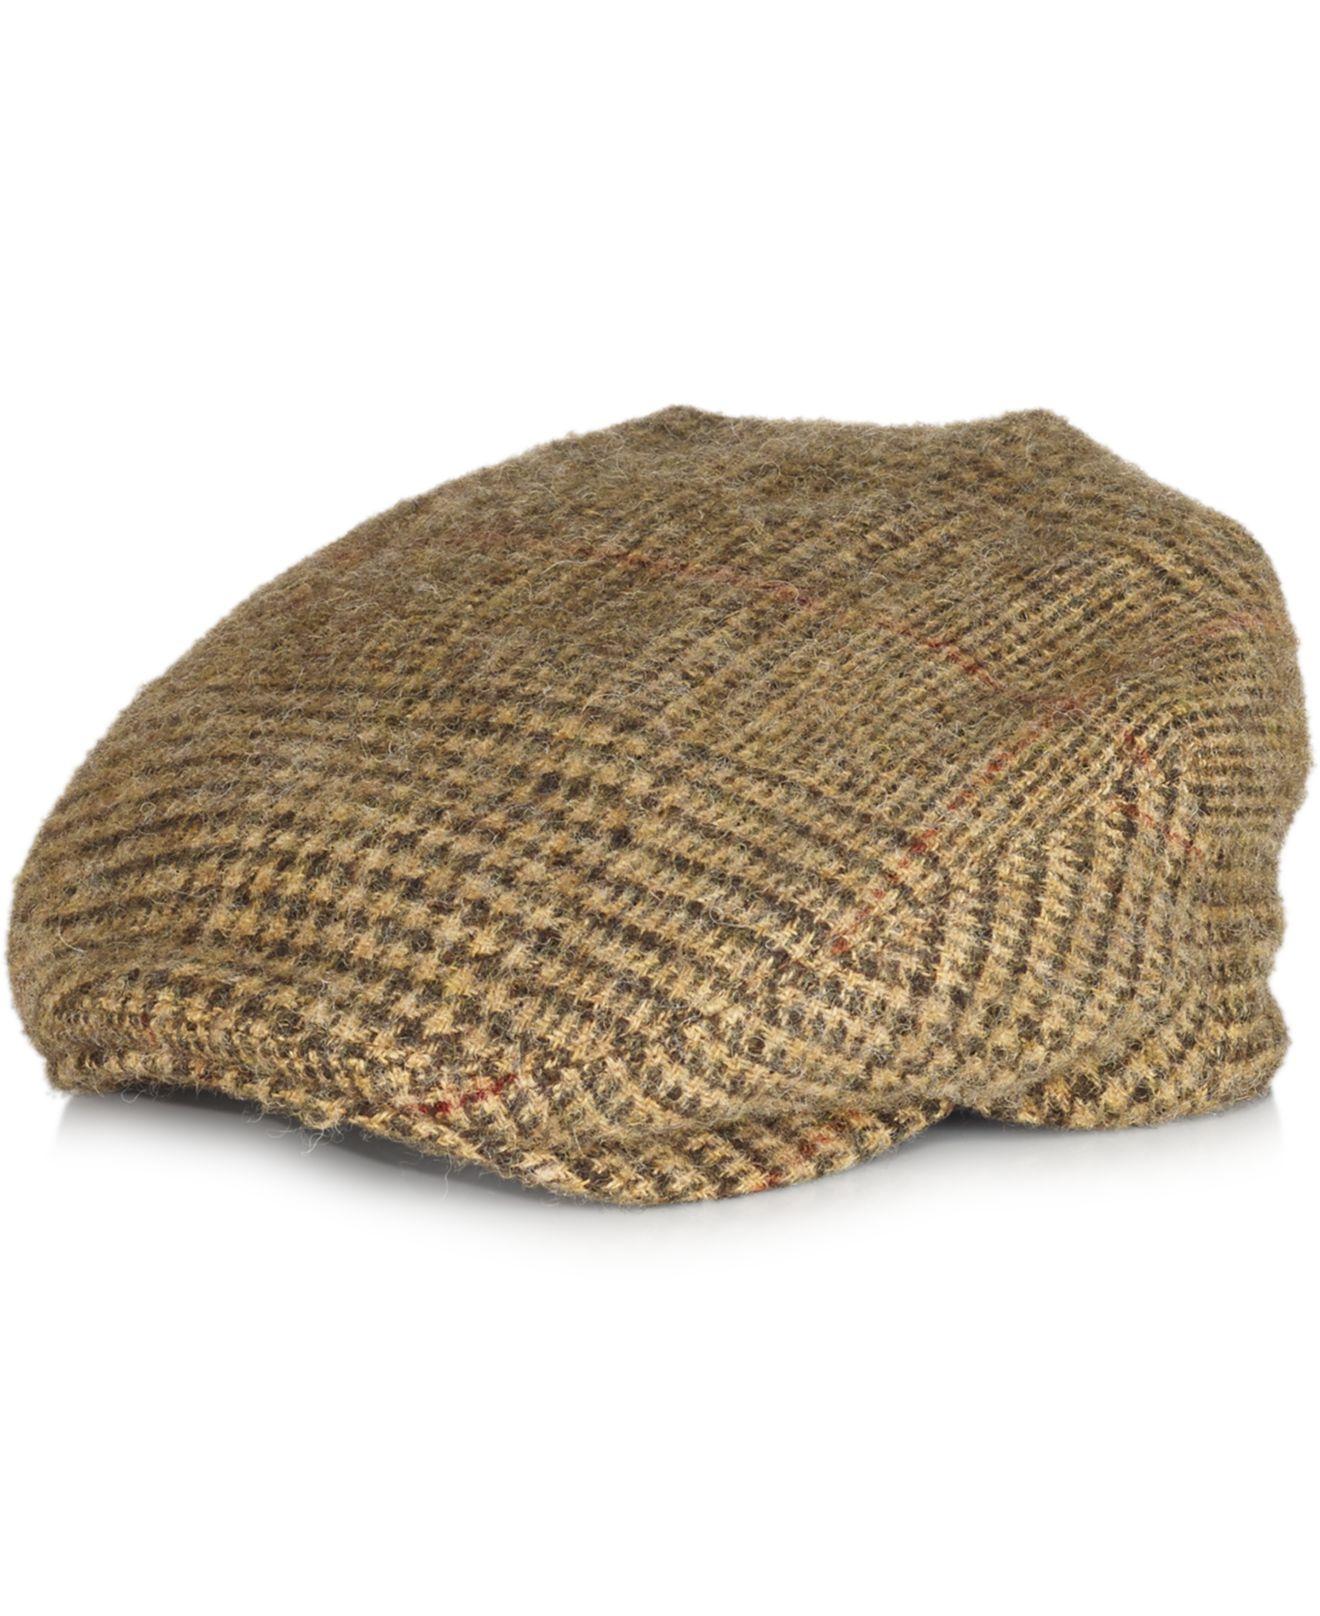 ralph lauren driving cap